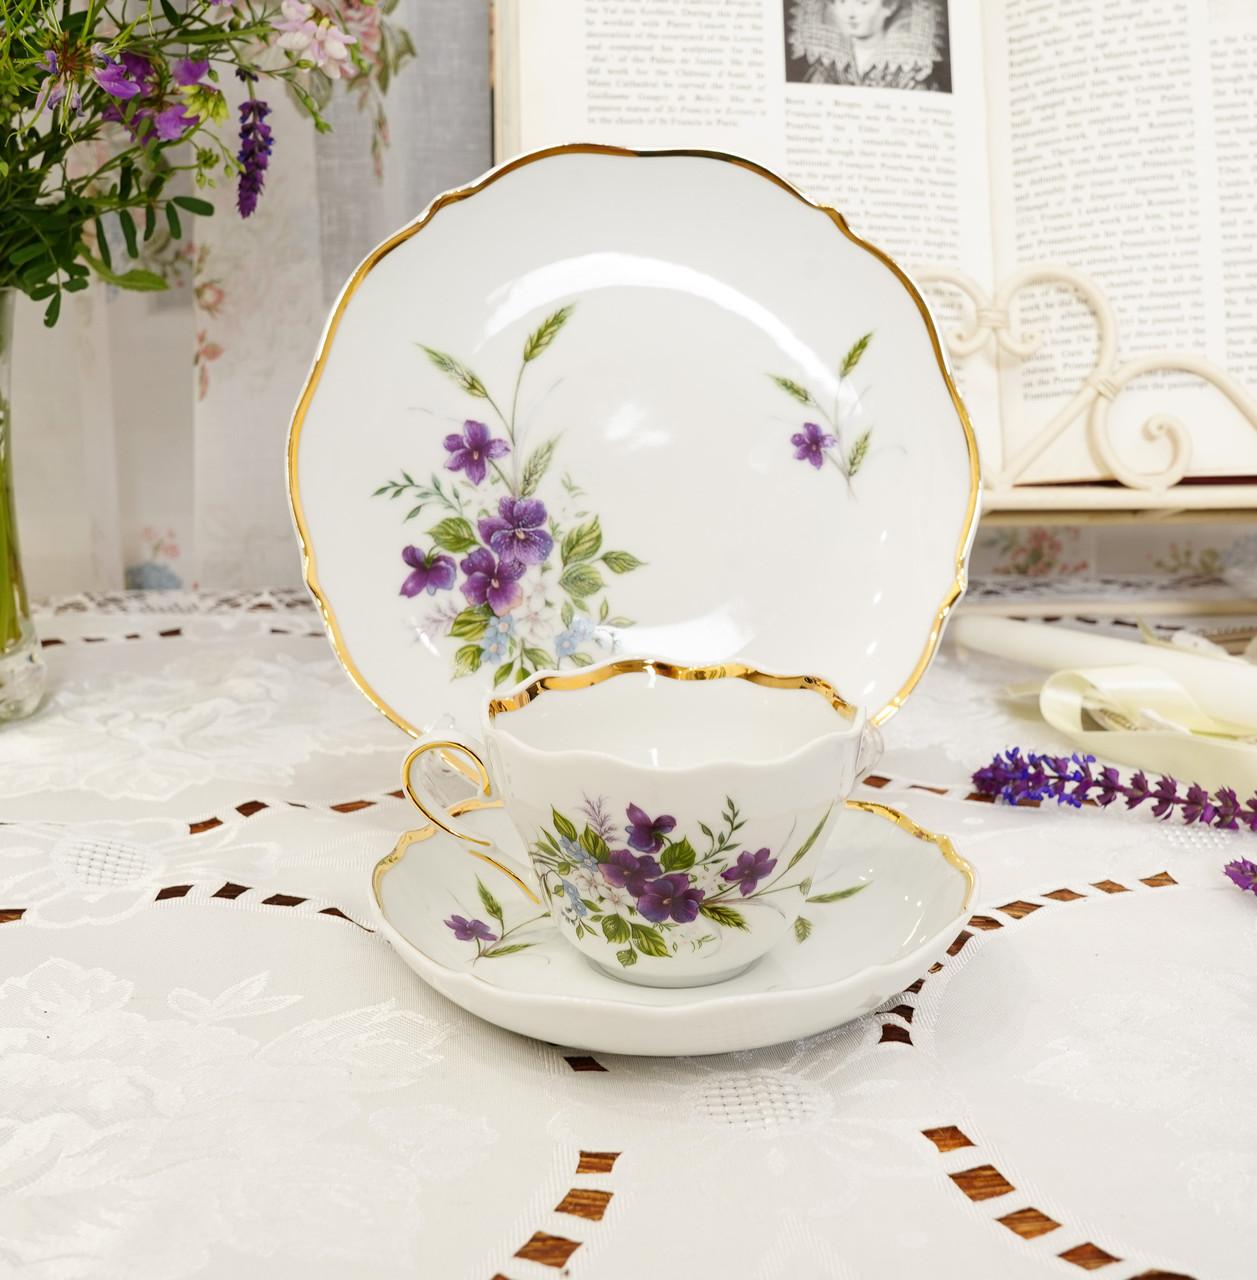 Німецька чайна трійка, порцелянова чашка, блюдце й десертна тарілка, Triptis Porzellan, Німеччина